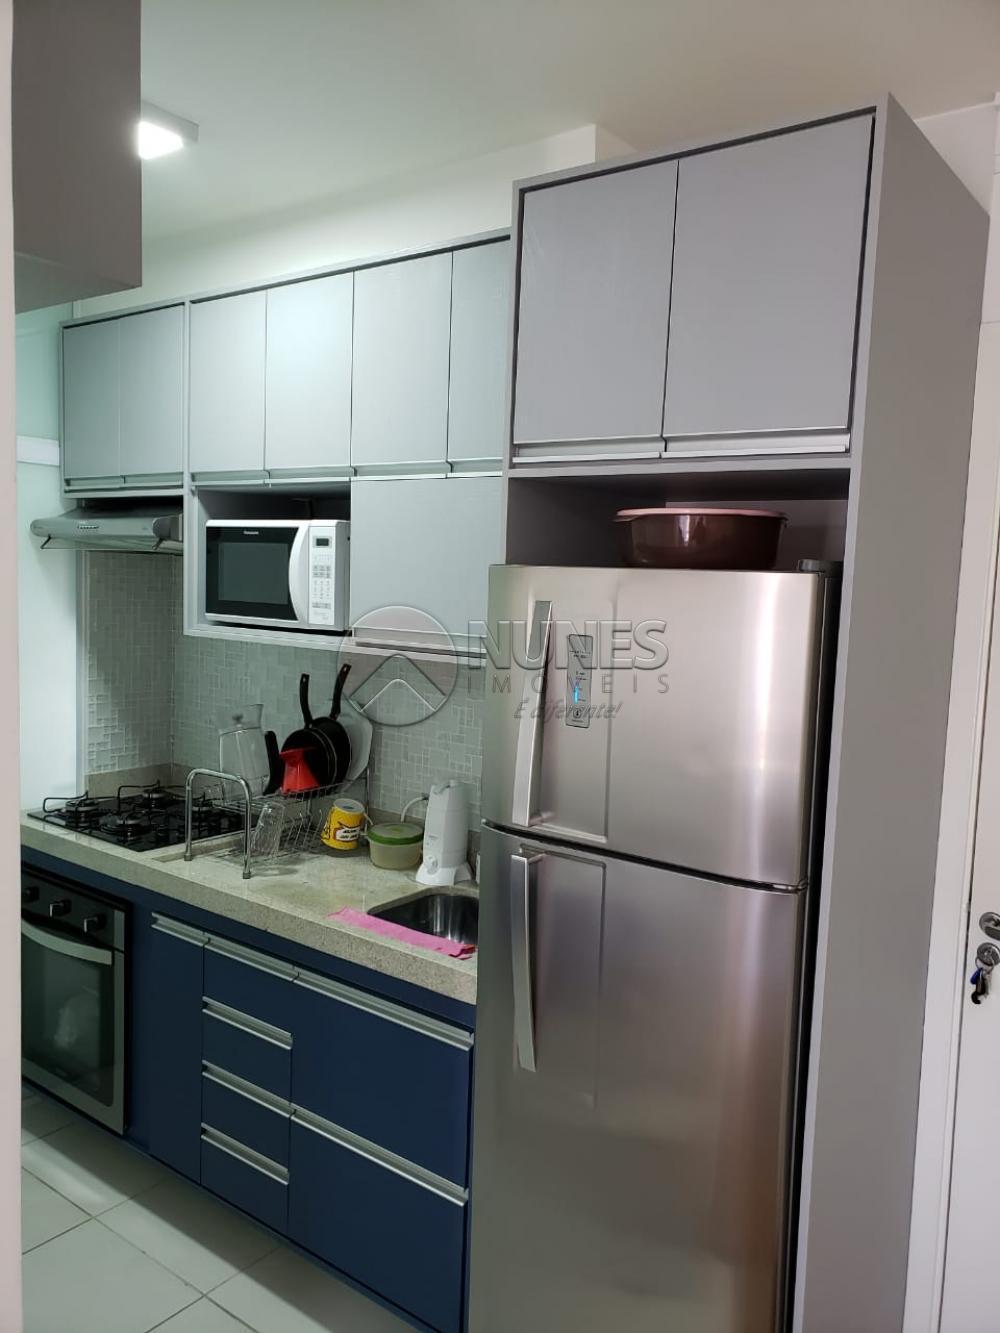 Comprar Apartamento / Padrão em Osasco apenas R$ 275.000,00 - Foto 7